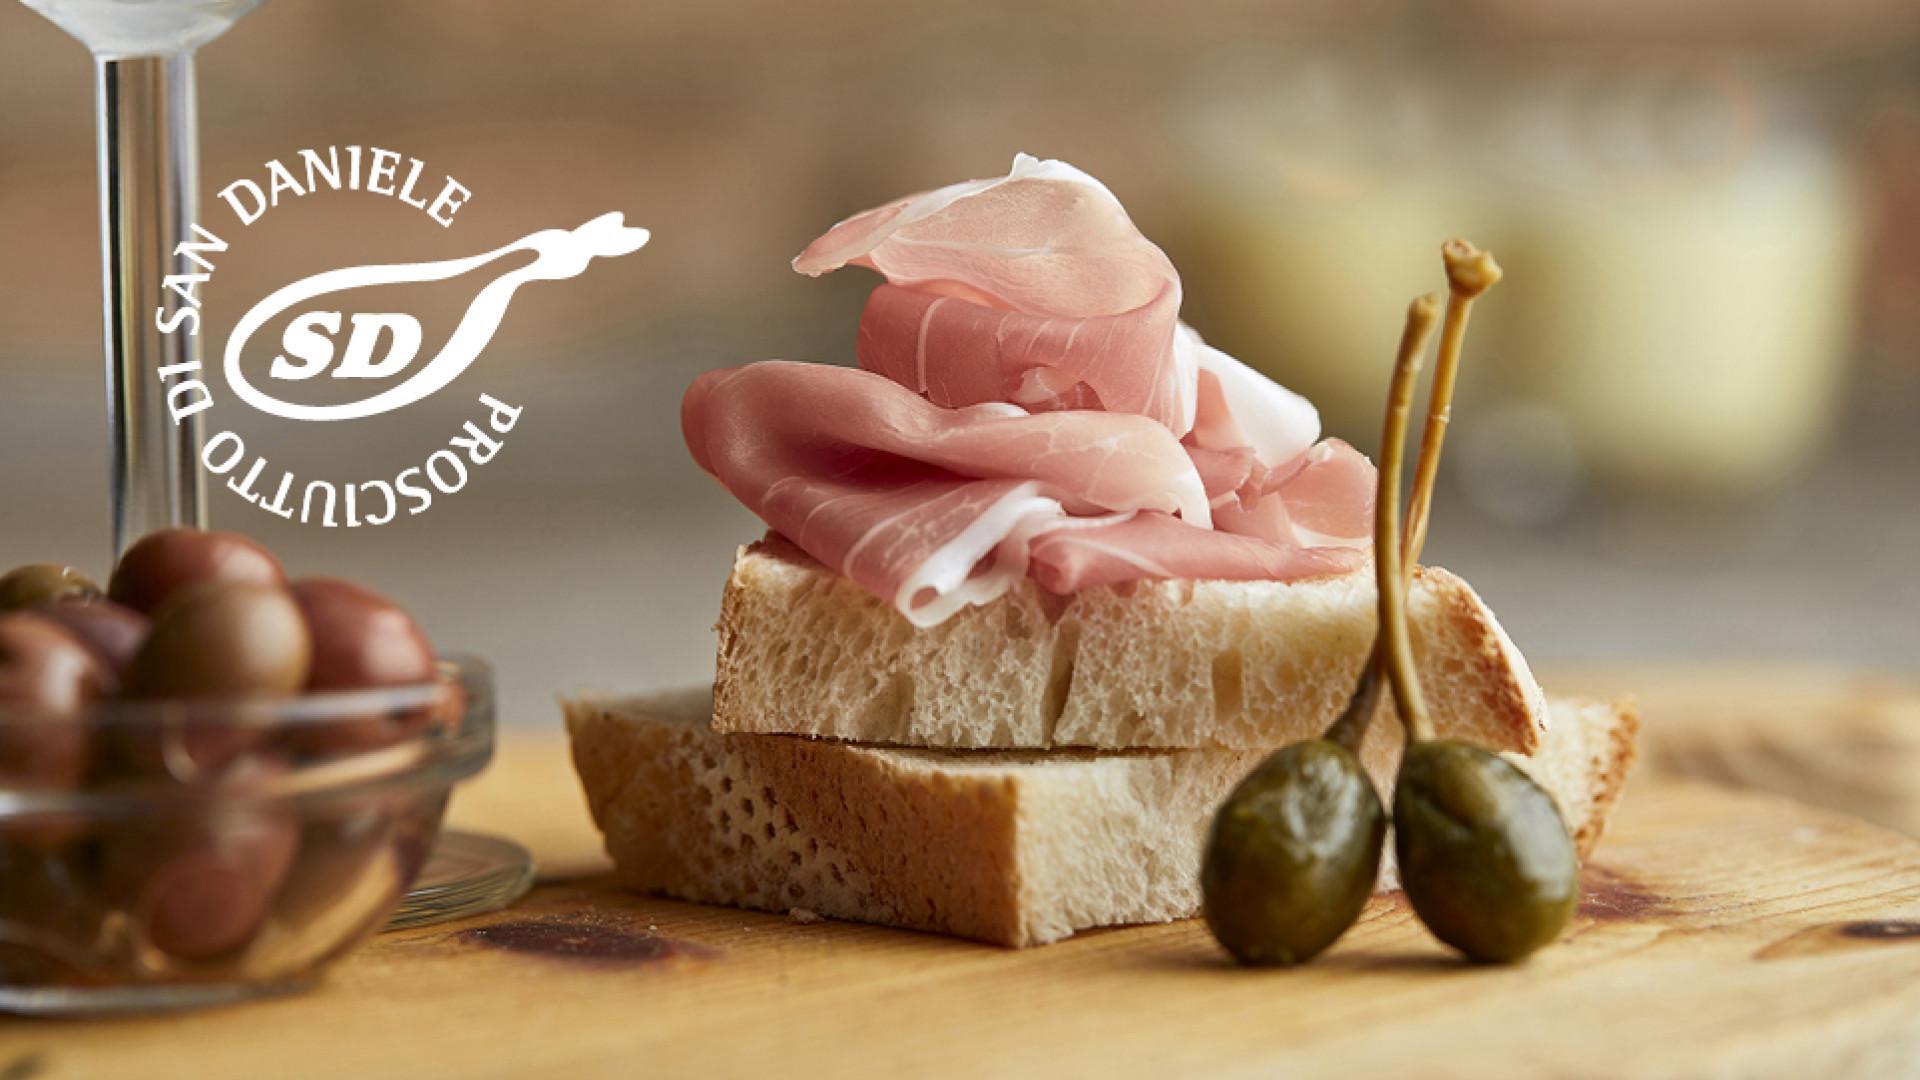 Prosciutto di San Daniele on bread with olives